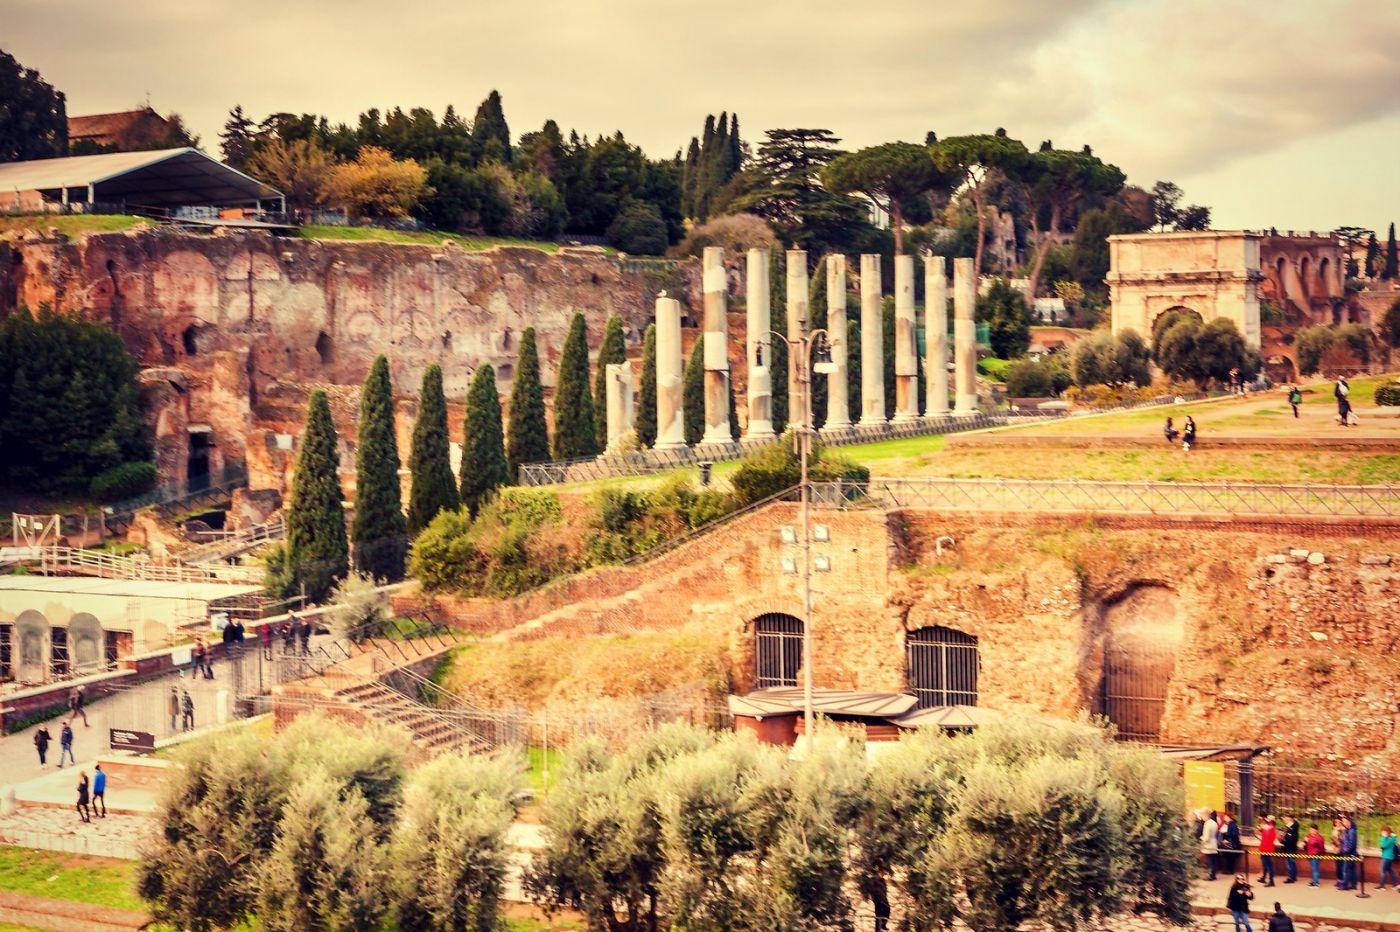 意大利罗马论坛,很敬佩_图1-26